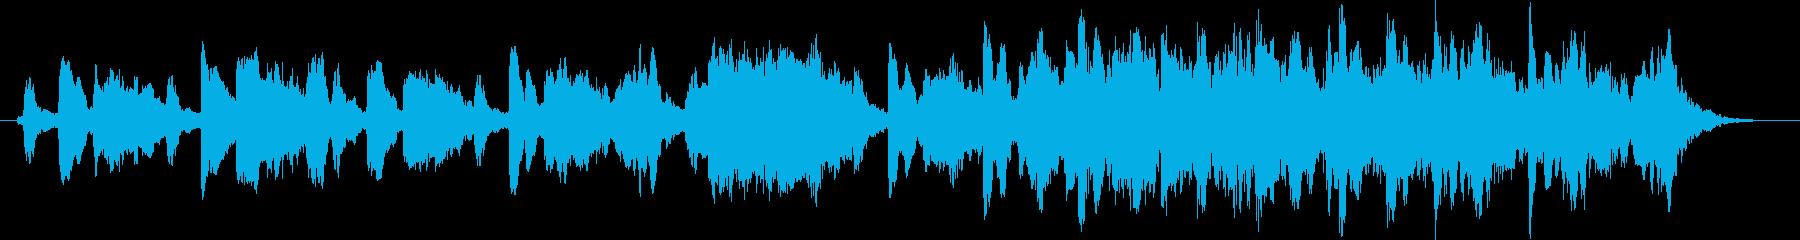 【生演奏】女声コーラスロジカル謎解き推理の再生済みの波形